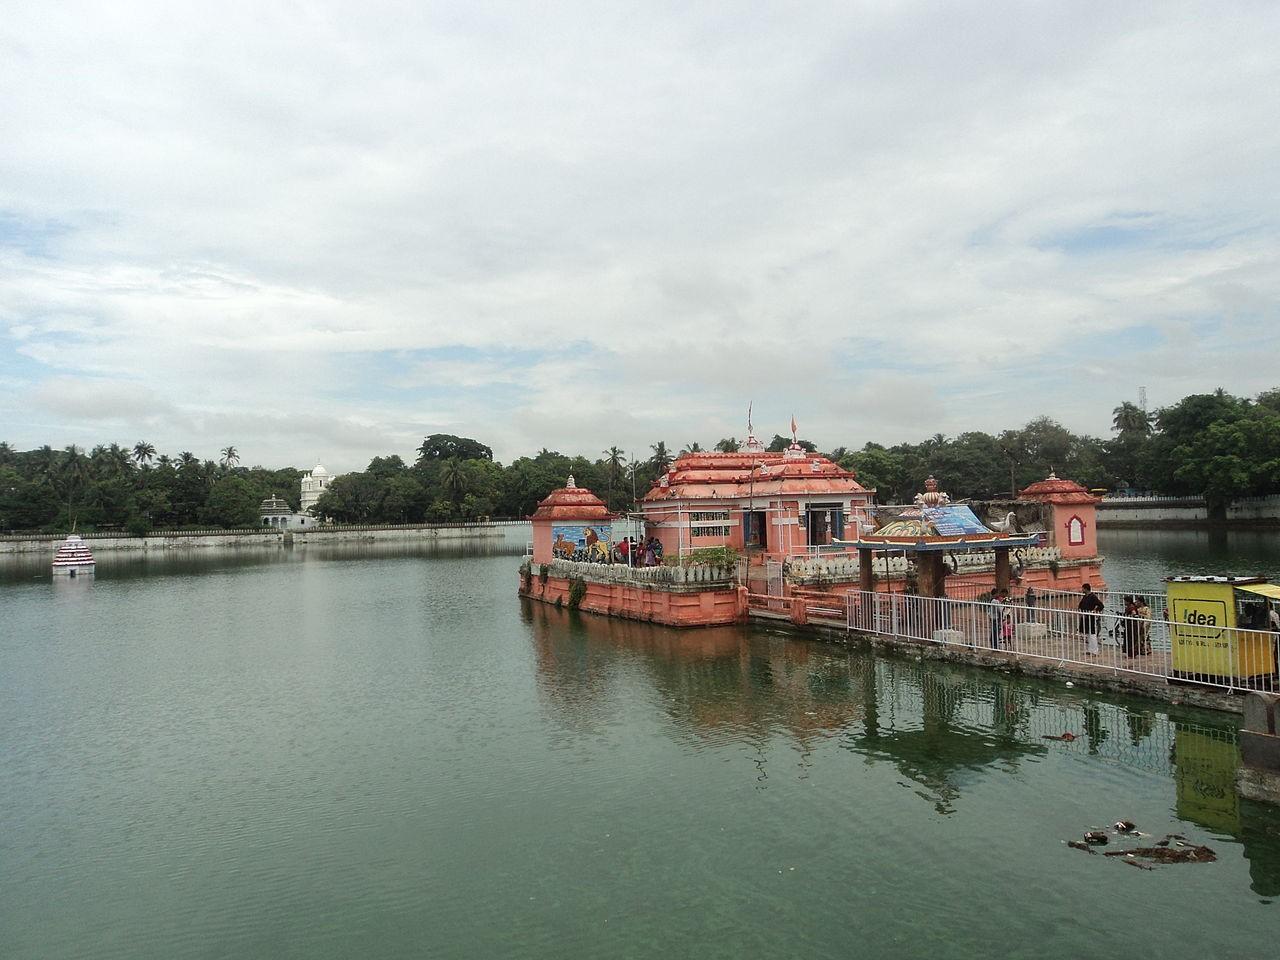 Kapilendra Deva Routray